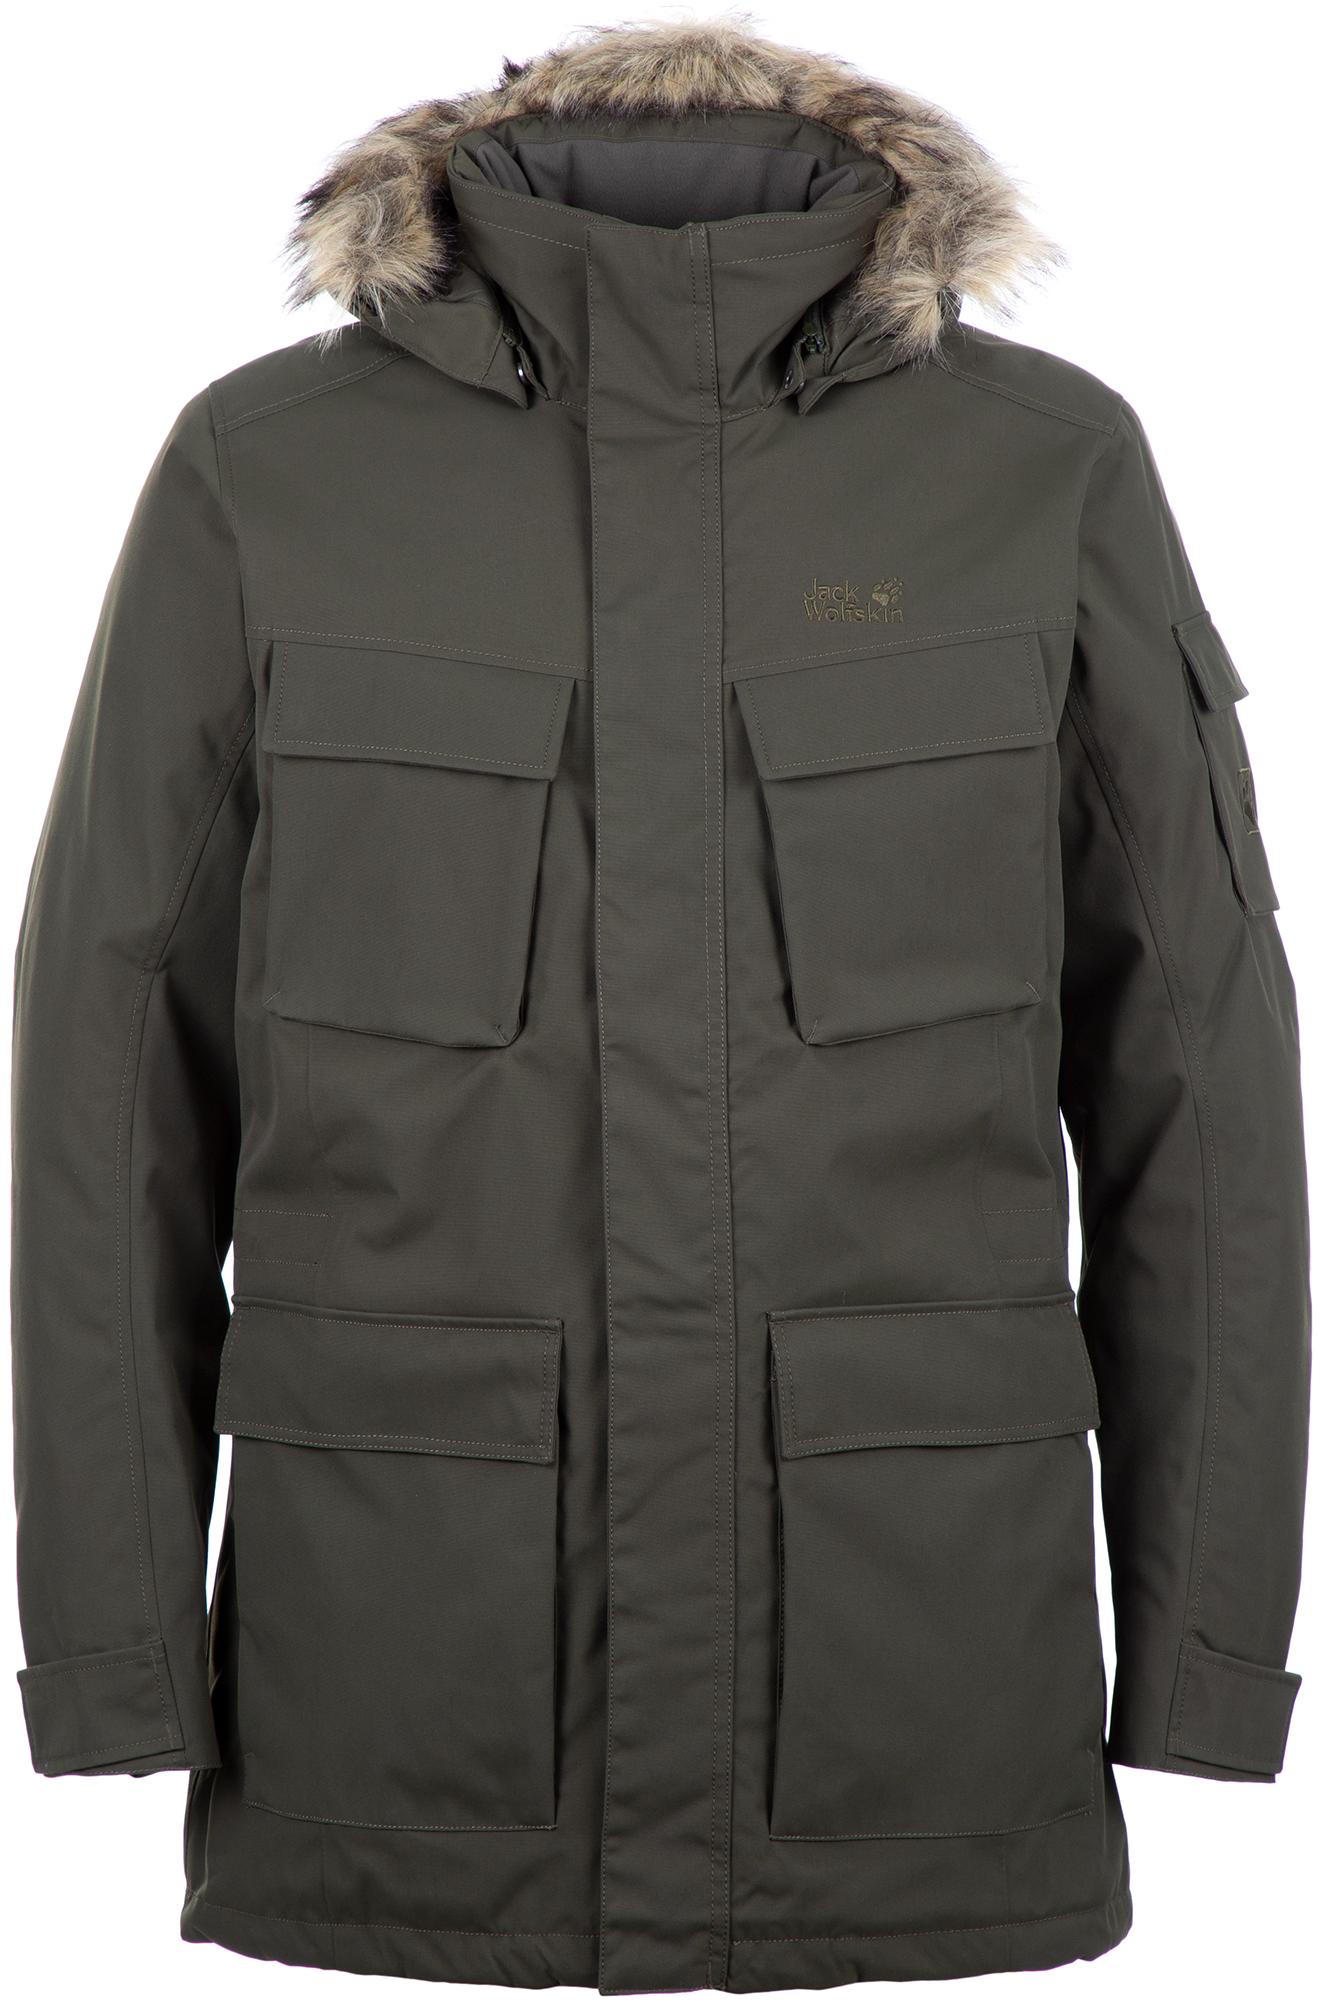 лучшая цена Jack Wolfskin Куртка утепленная мужская JACK WOLFSKIN Glacier Canyon, размер 58